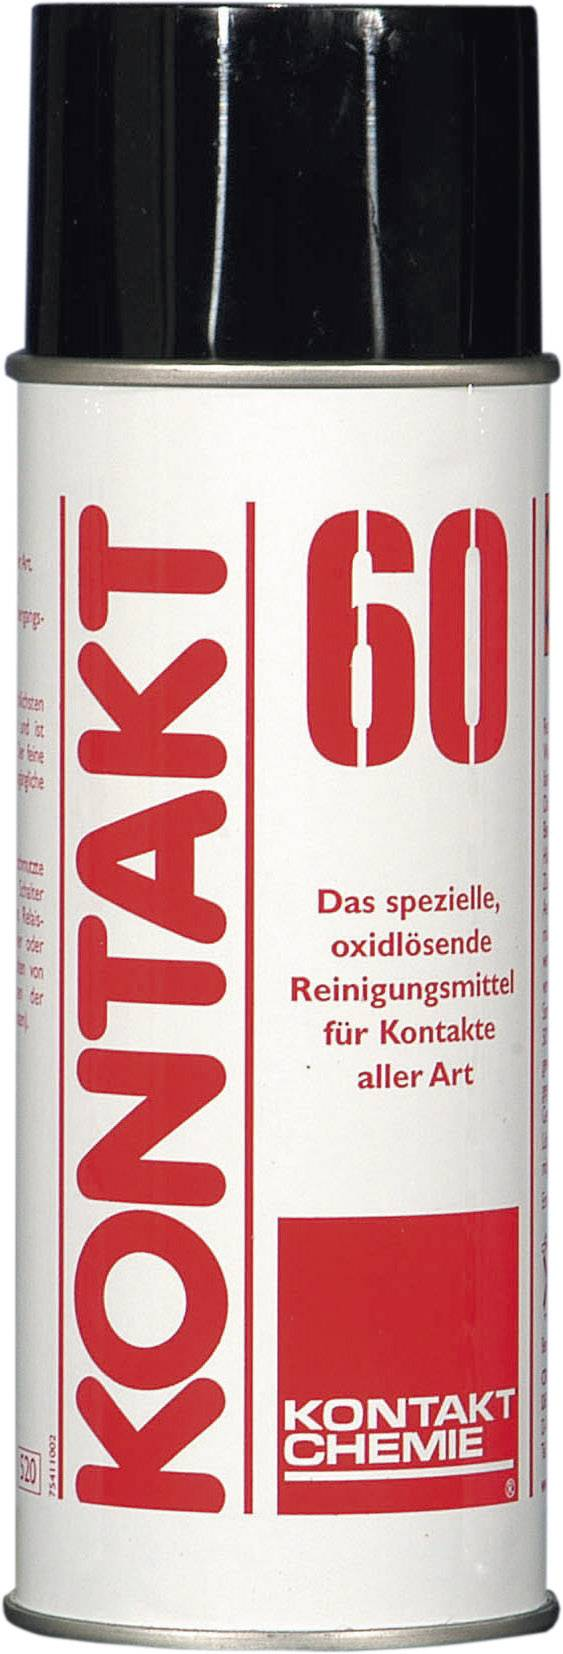 Čisticí prostředek pro kontaktní plochy CRC Kontakt Chemie KONTAKT 60 70009-AA, 200 ml